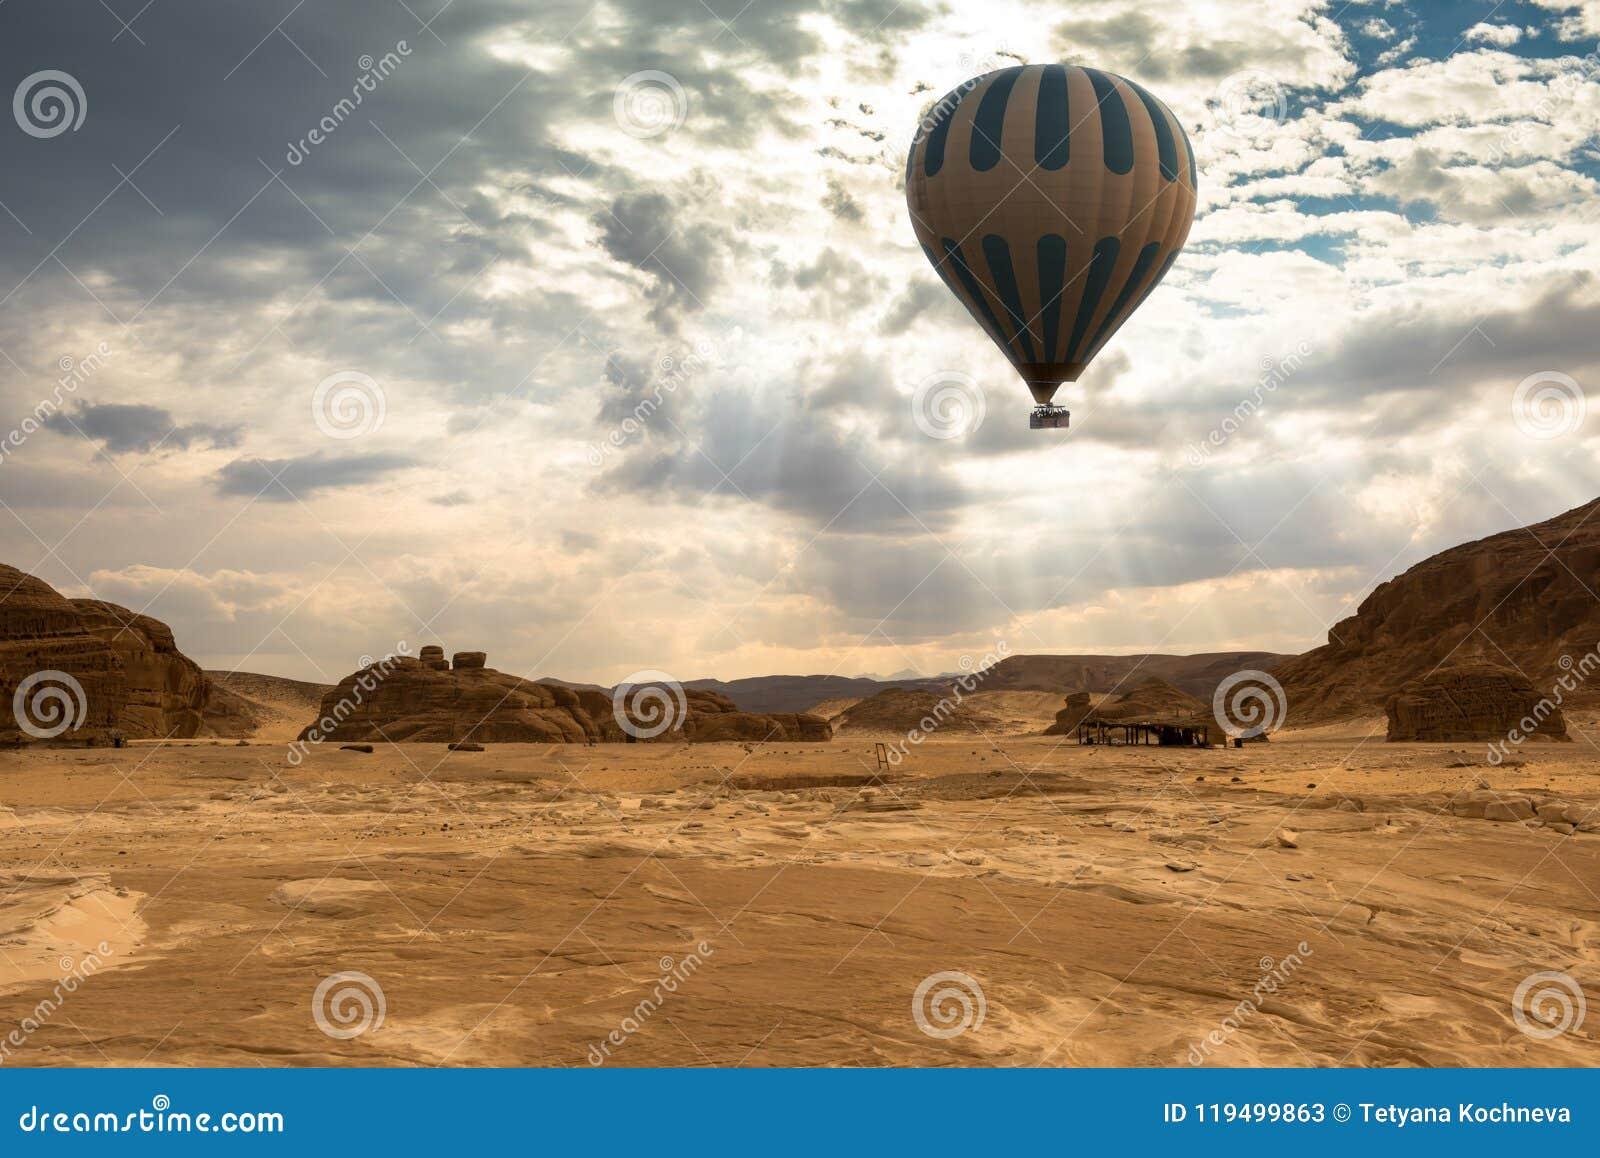 Curso do balão de ar quente sobre o deserto